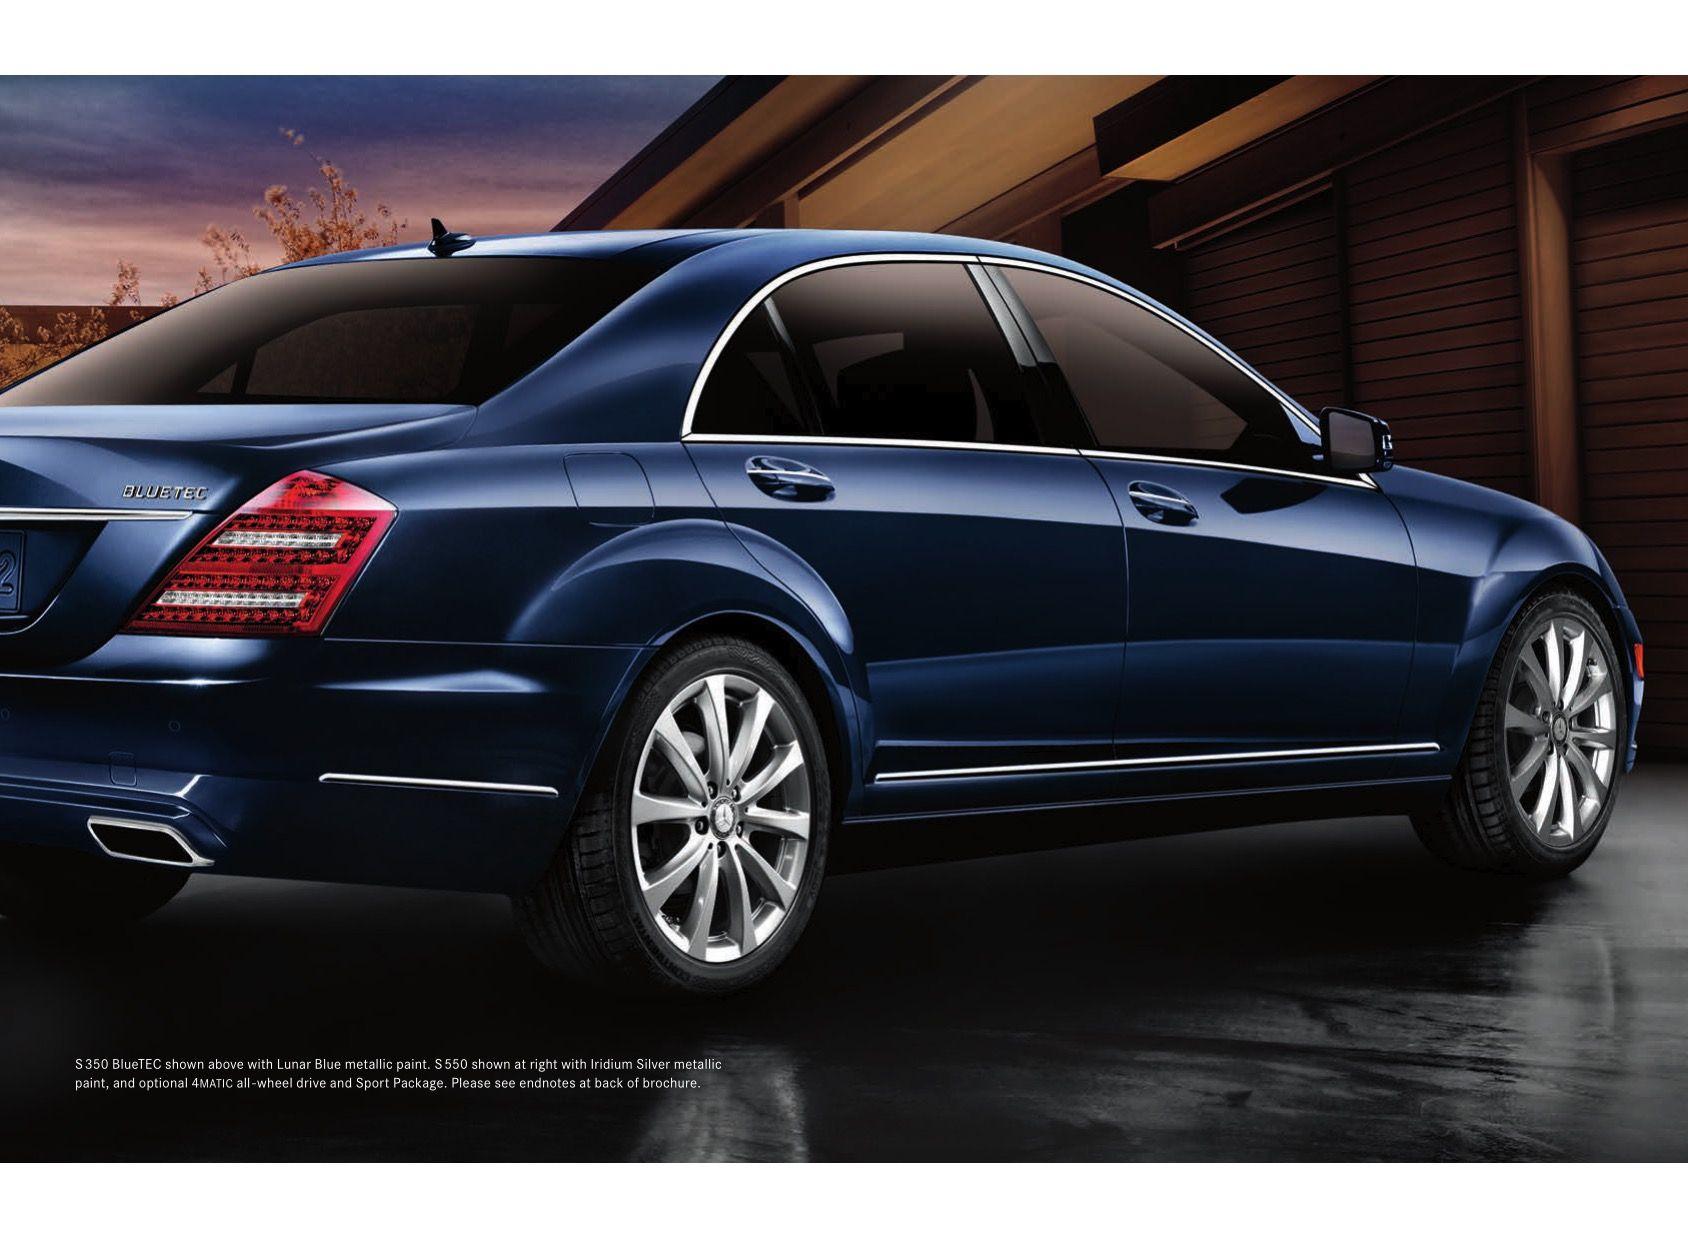 2013 mercedes benz s class w221 models lineup classic